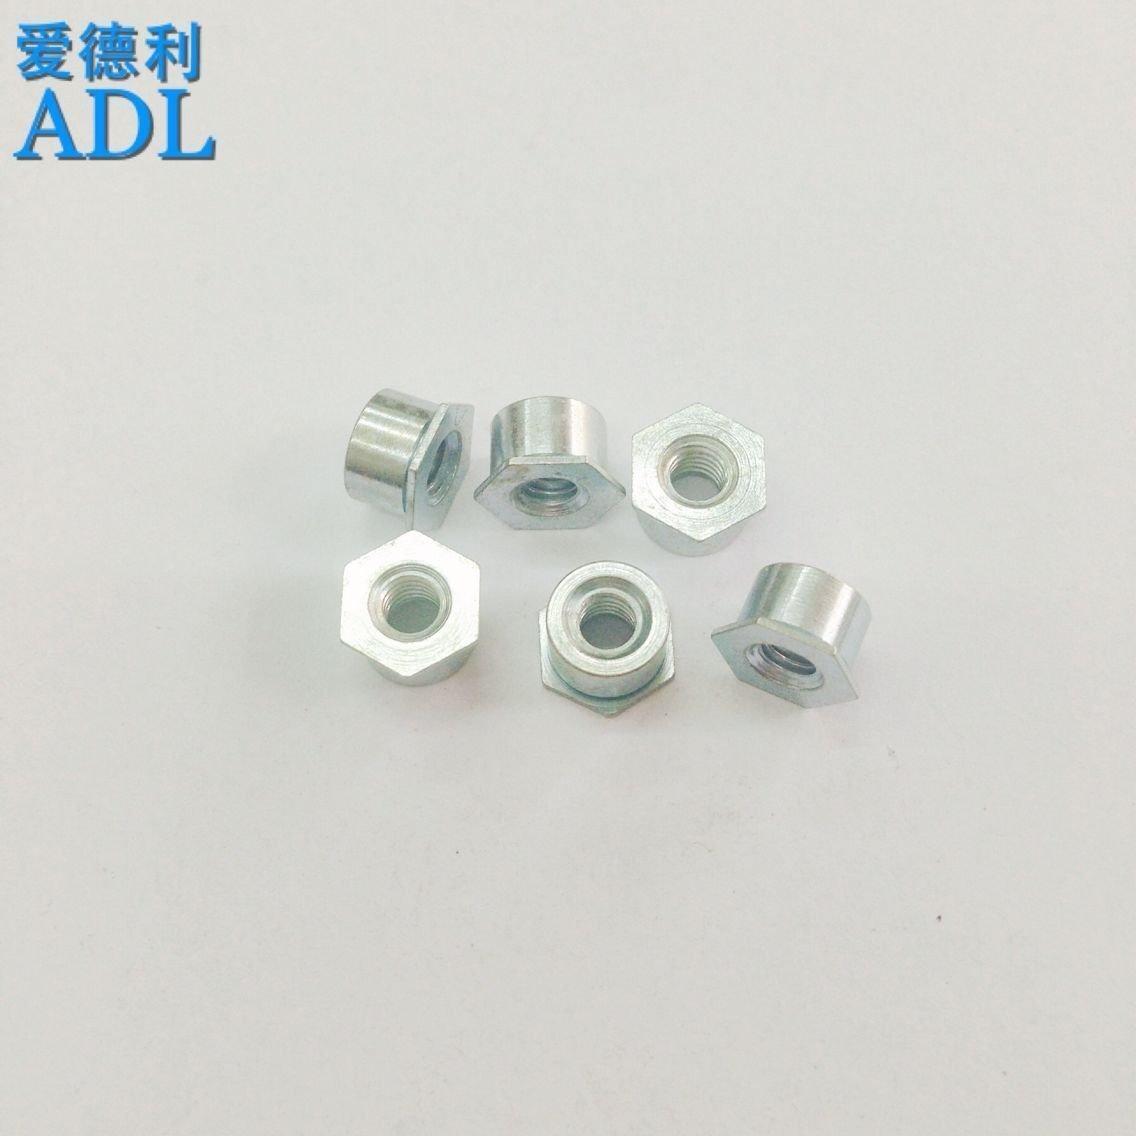 通孔压铆螺柱 螺母柱 镀锌            M4